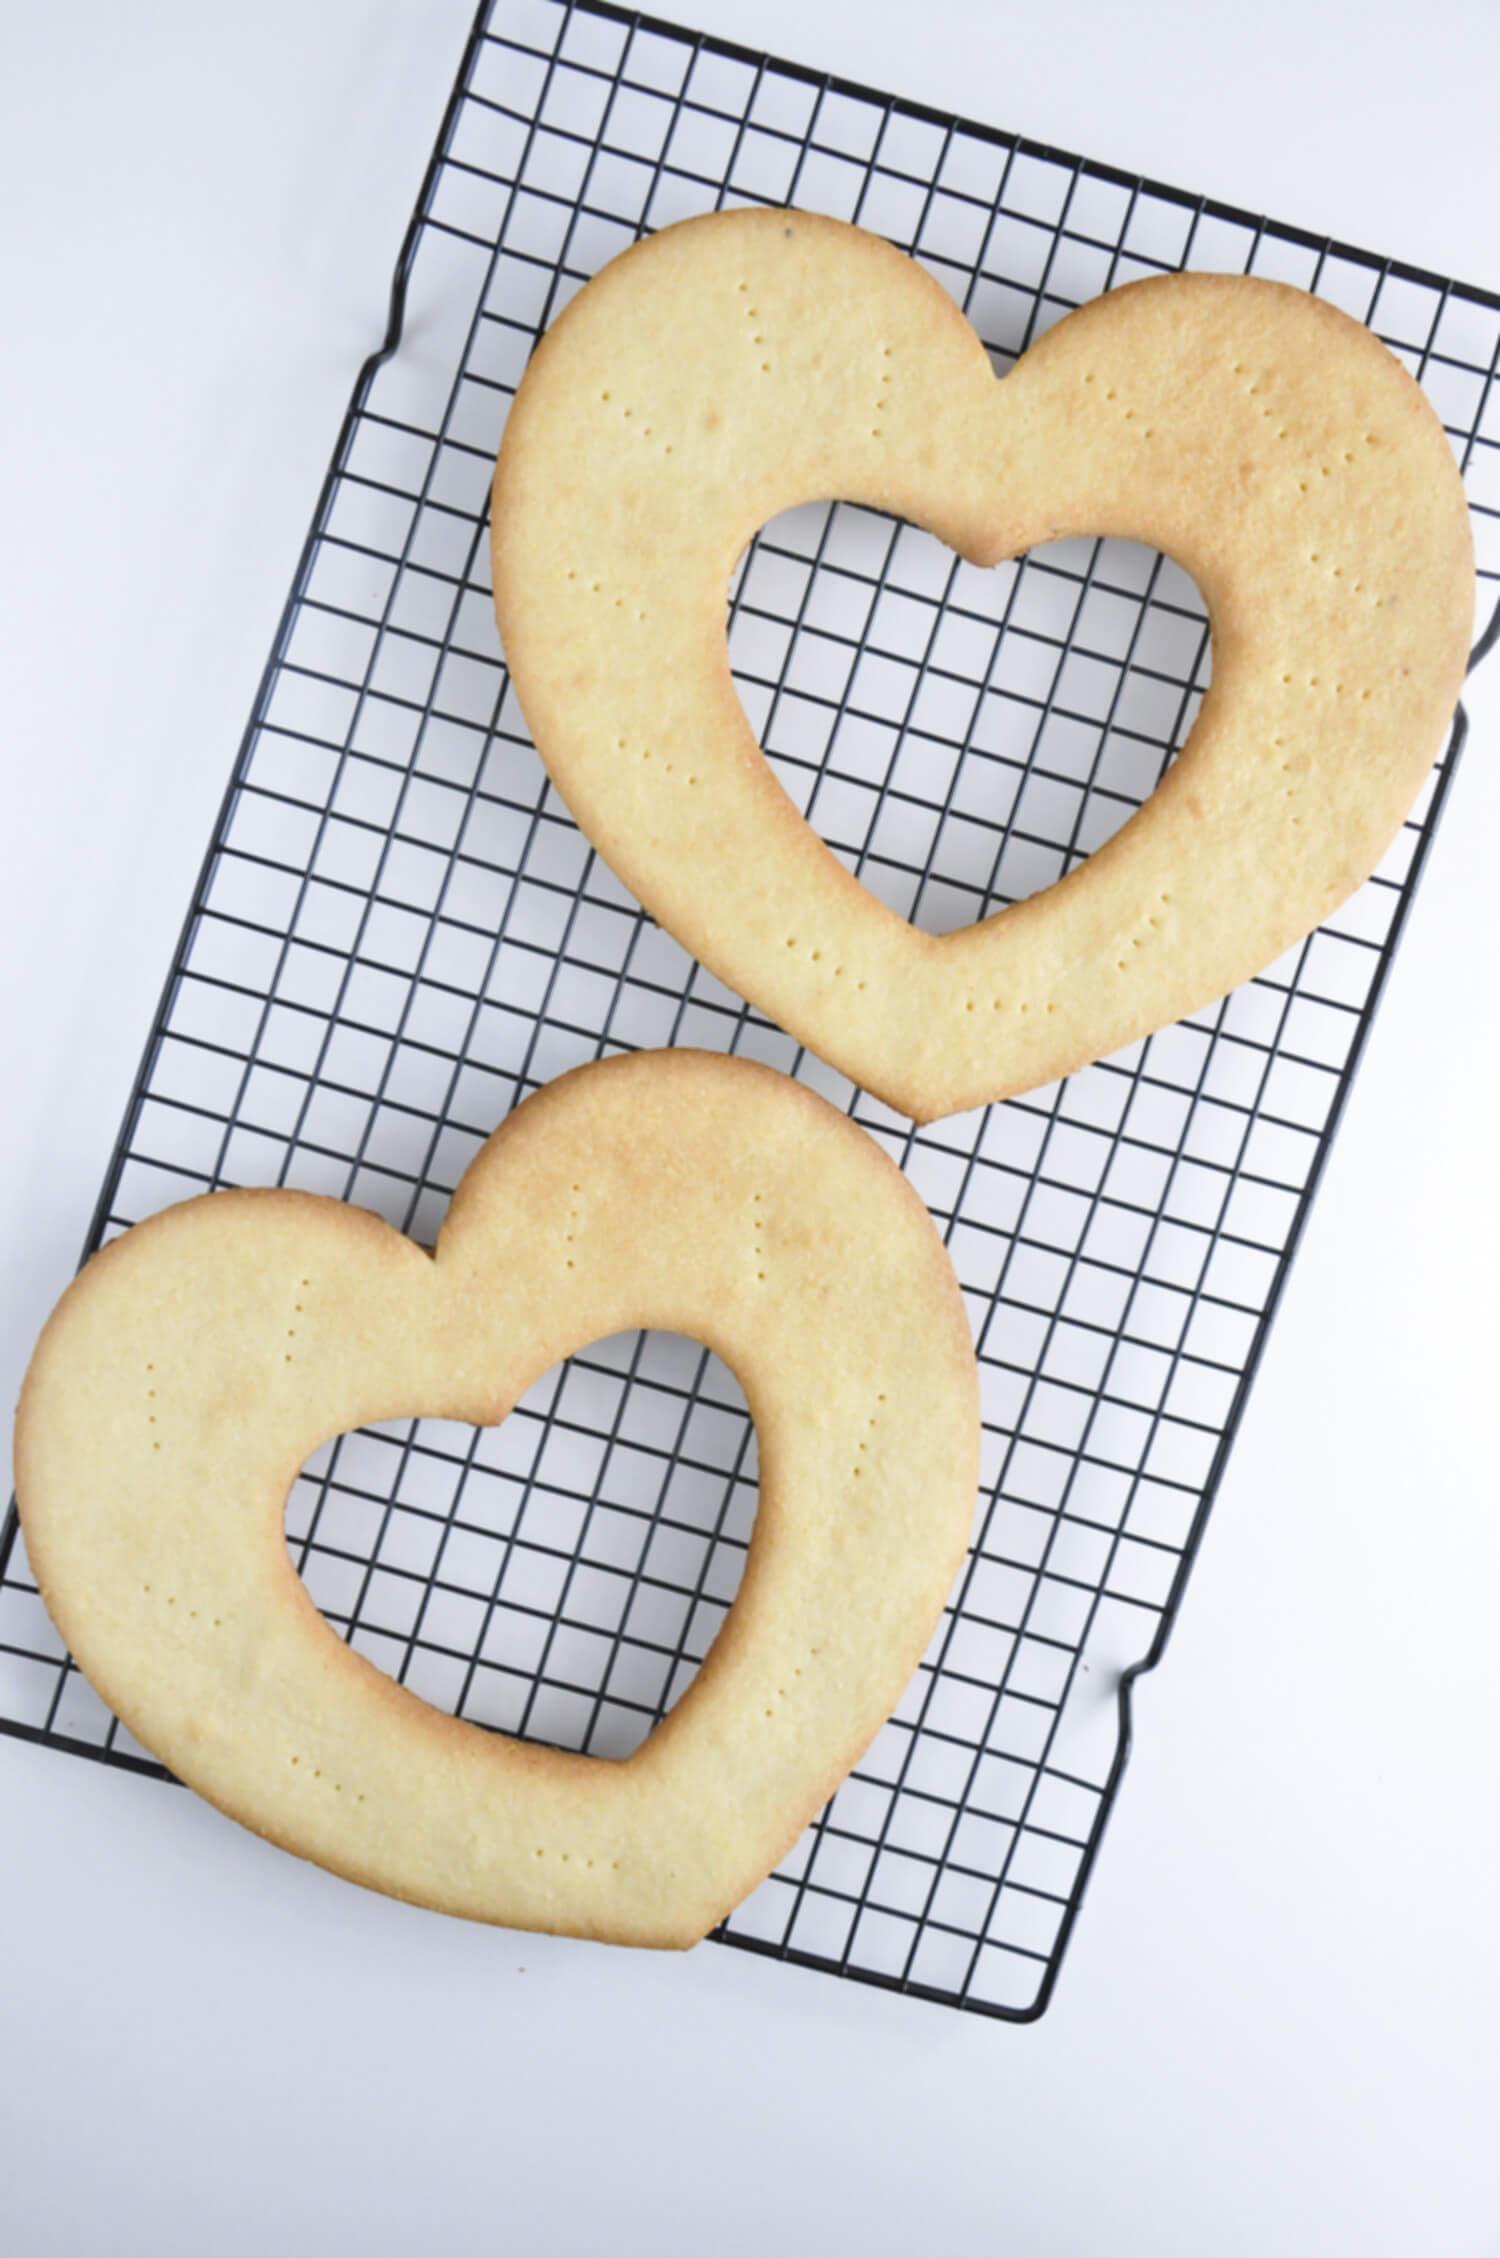 blaty z ciasta kruchego w kształcie serc